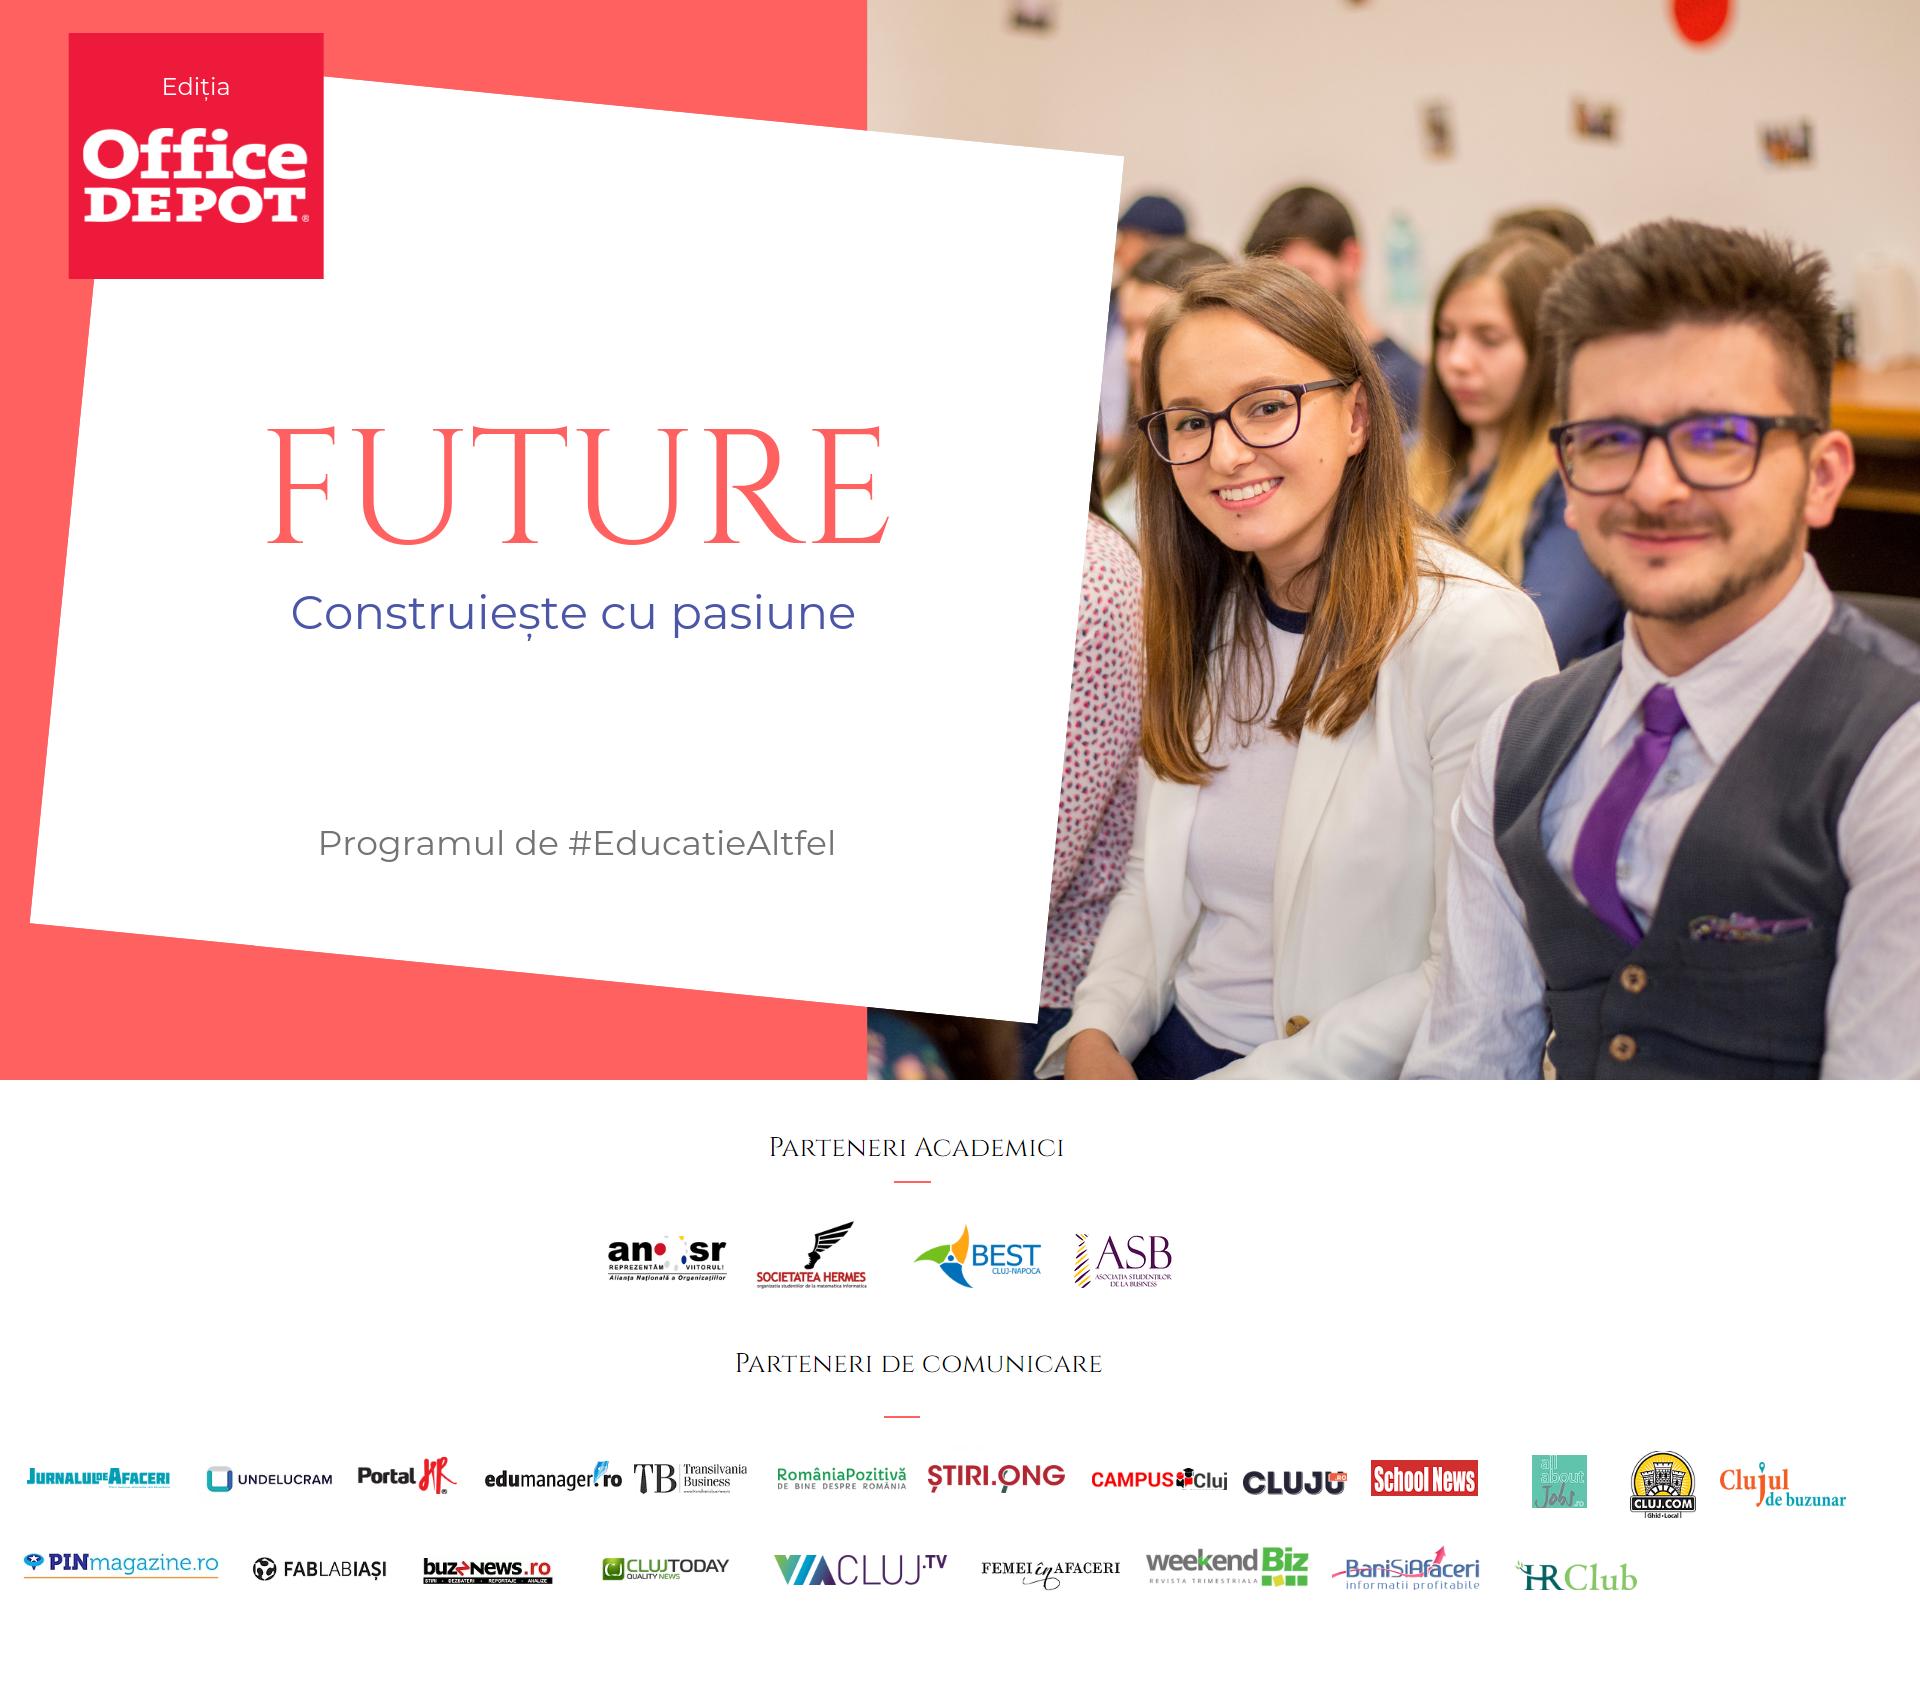 Programul Future 2019